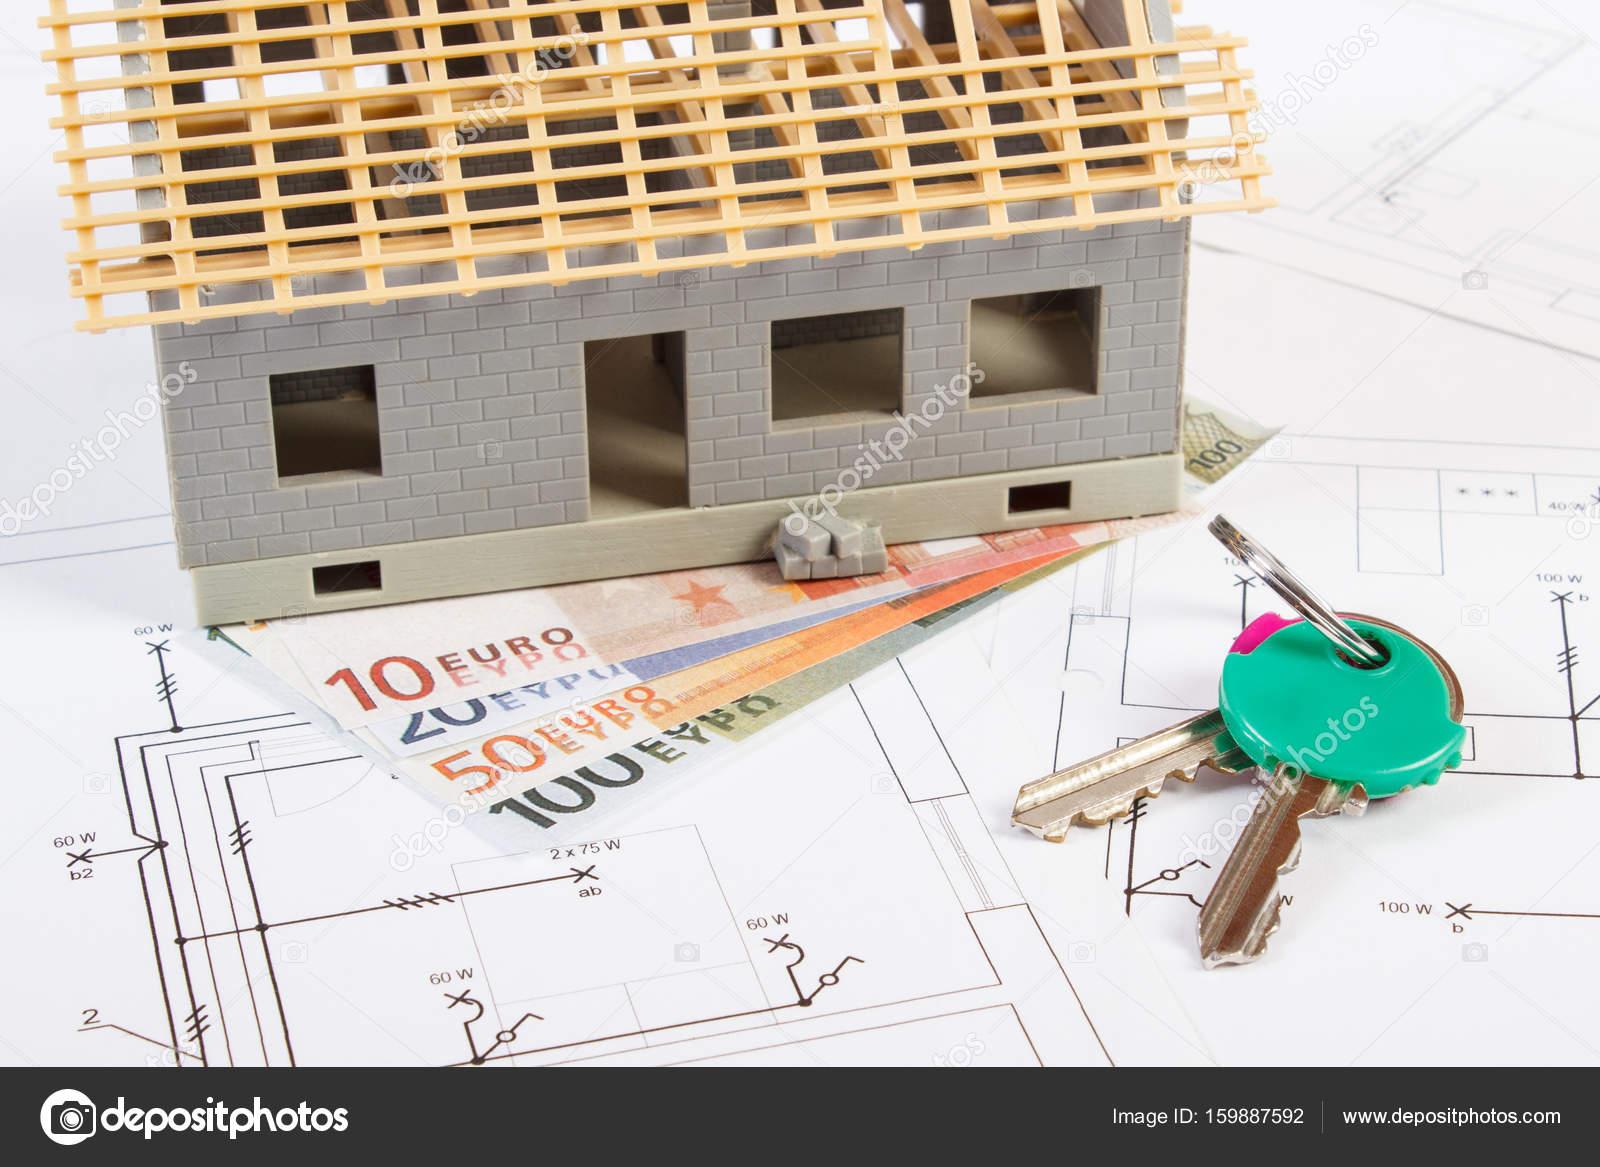 Kleines Haus Unter Konstruktion, Schlüssel Und Währungen Euro Auf  Elektrische Zeichnungen Für Projekt Kosten Gebäude